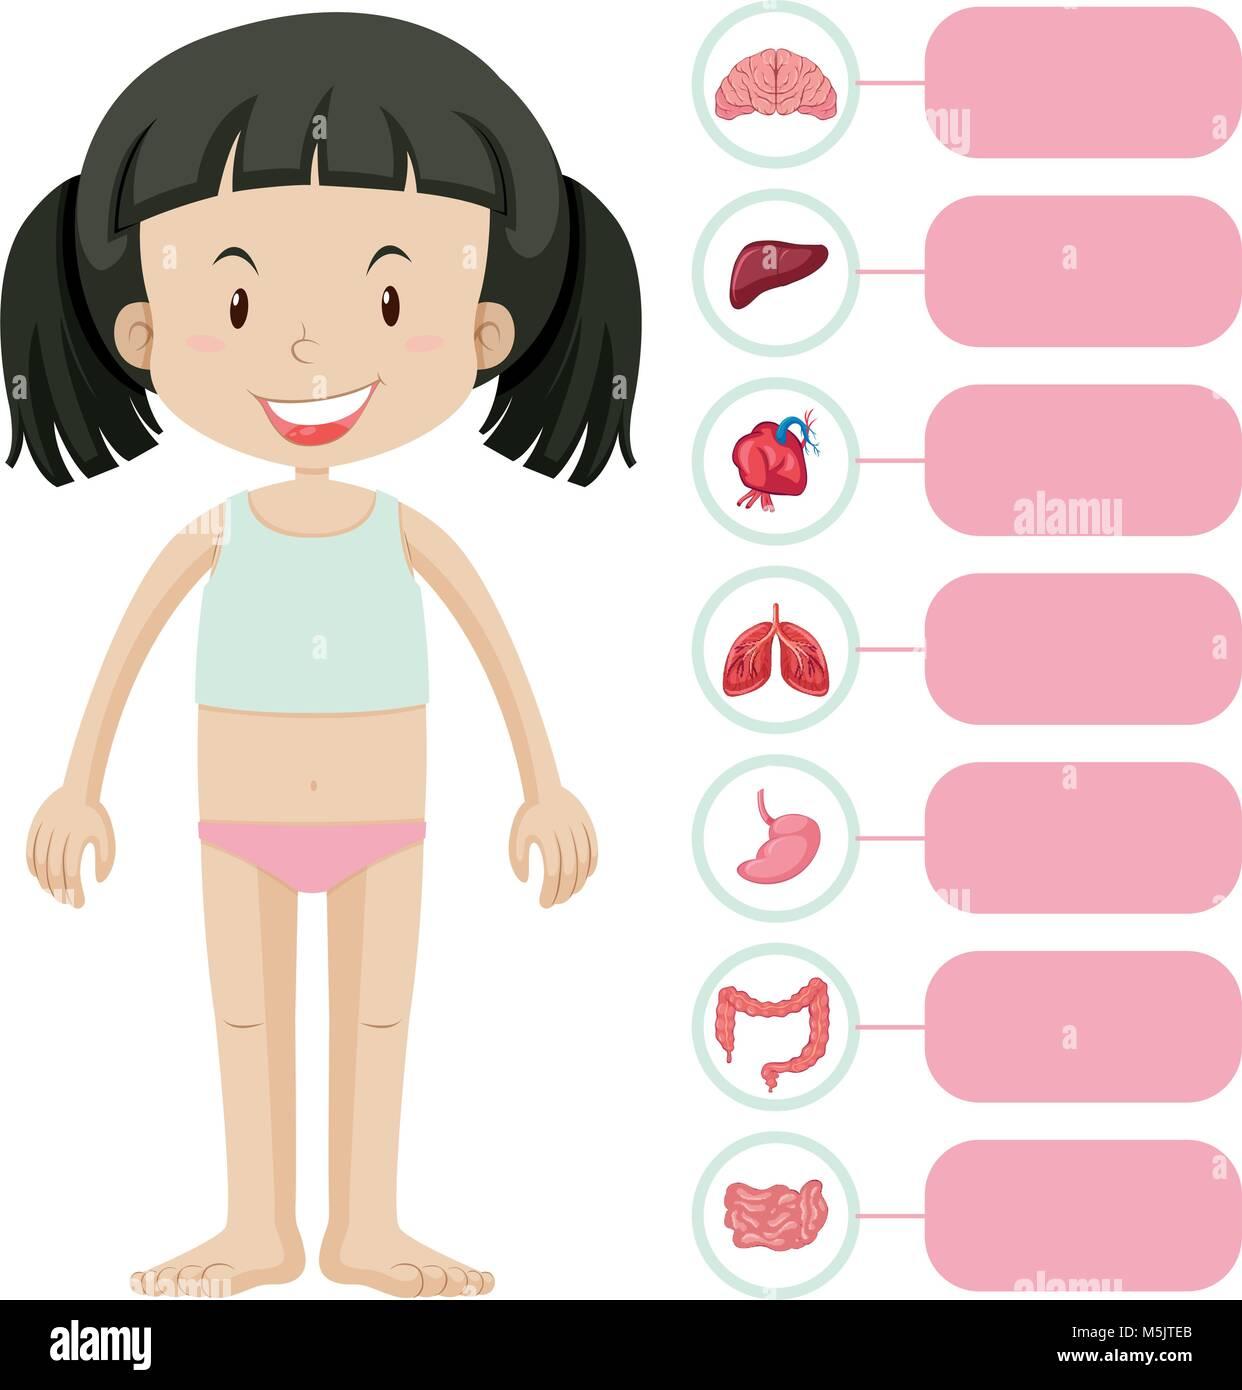 Großartig Interne Teile Des Körpers Fotos - Menschliche Anatomie ...